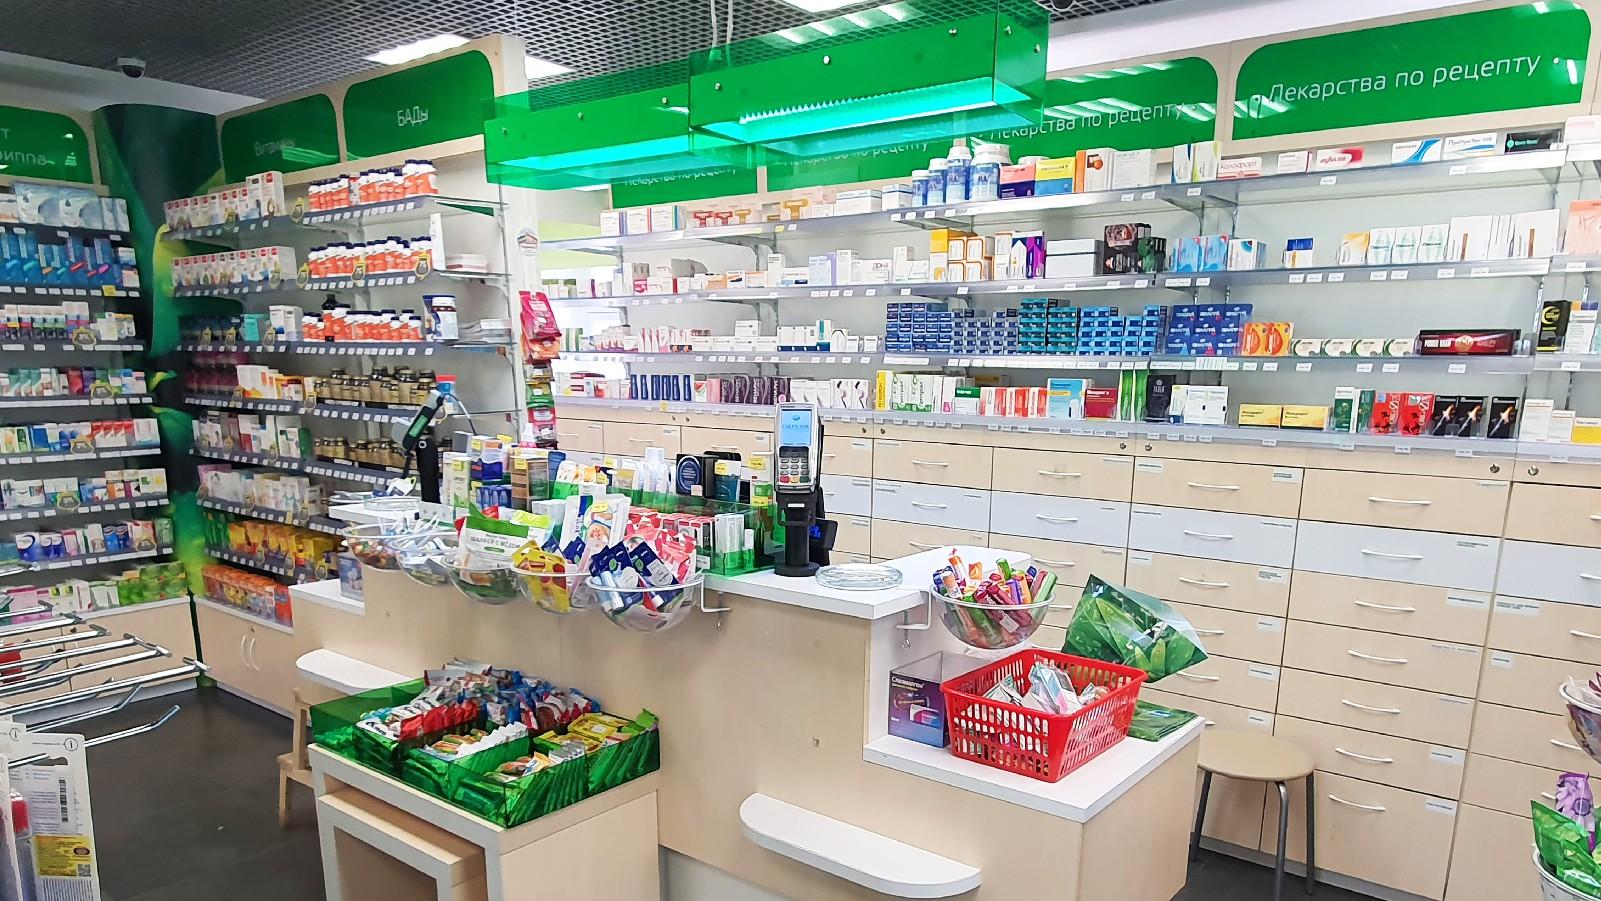 https://f.stolichki.ru/n/stores/77010-4.jpg